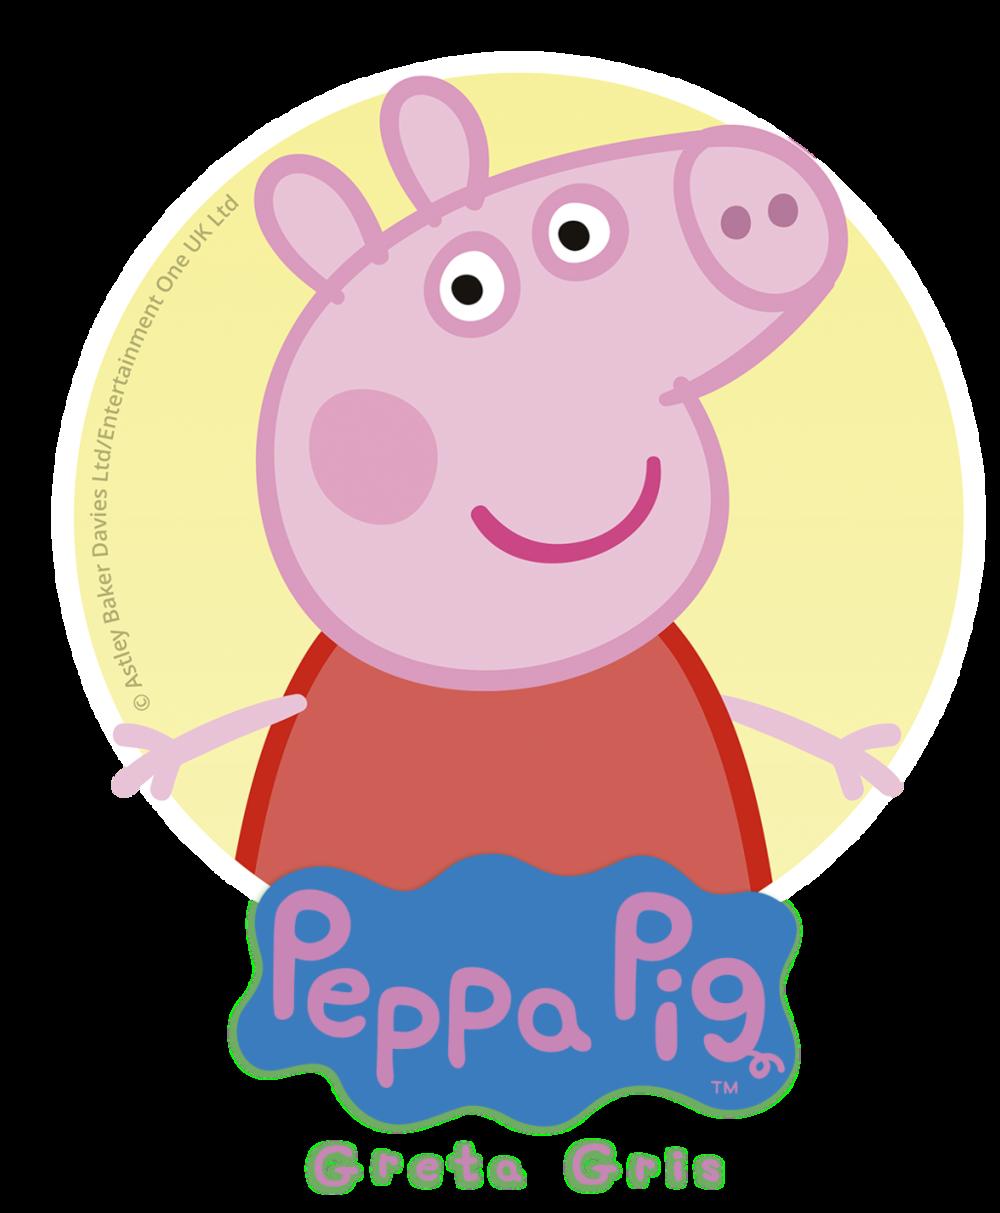 peppa gris_peppa pig.png